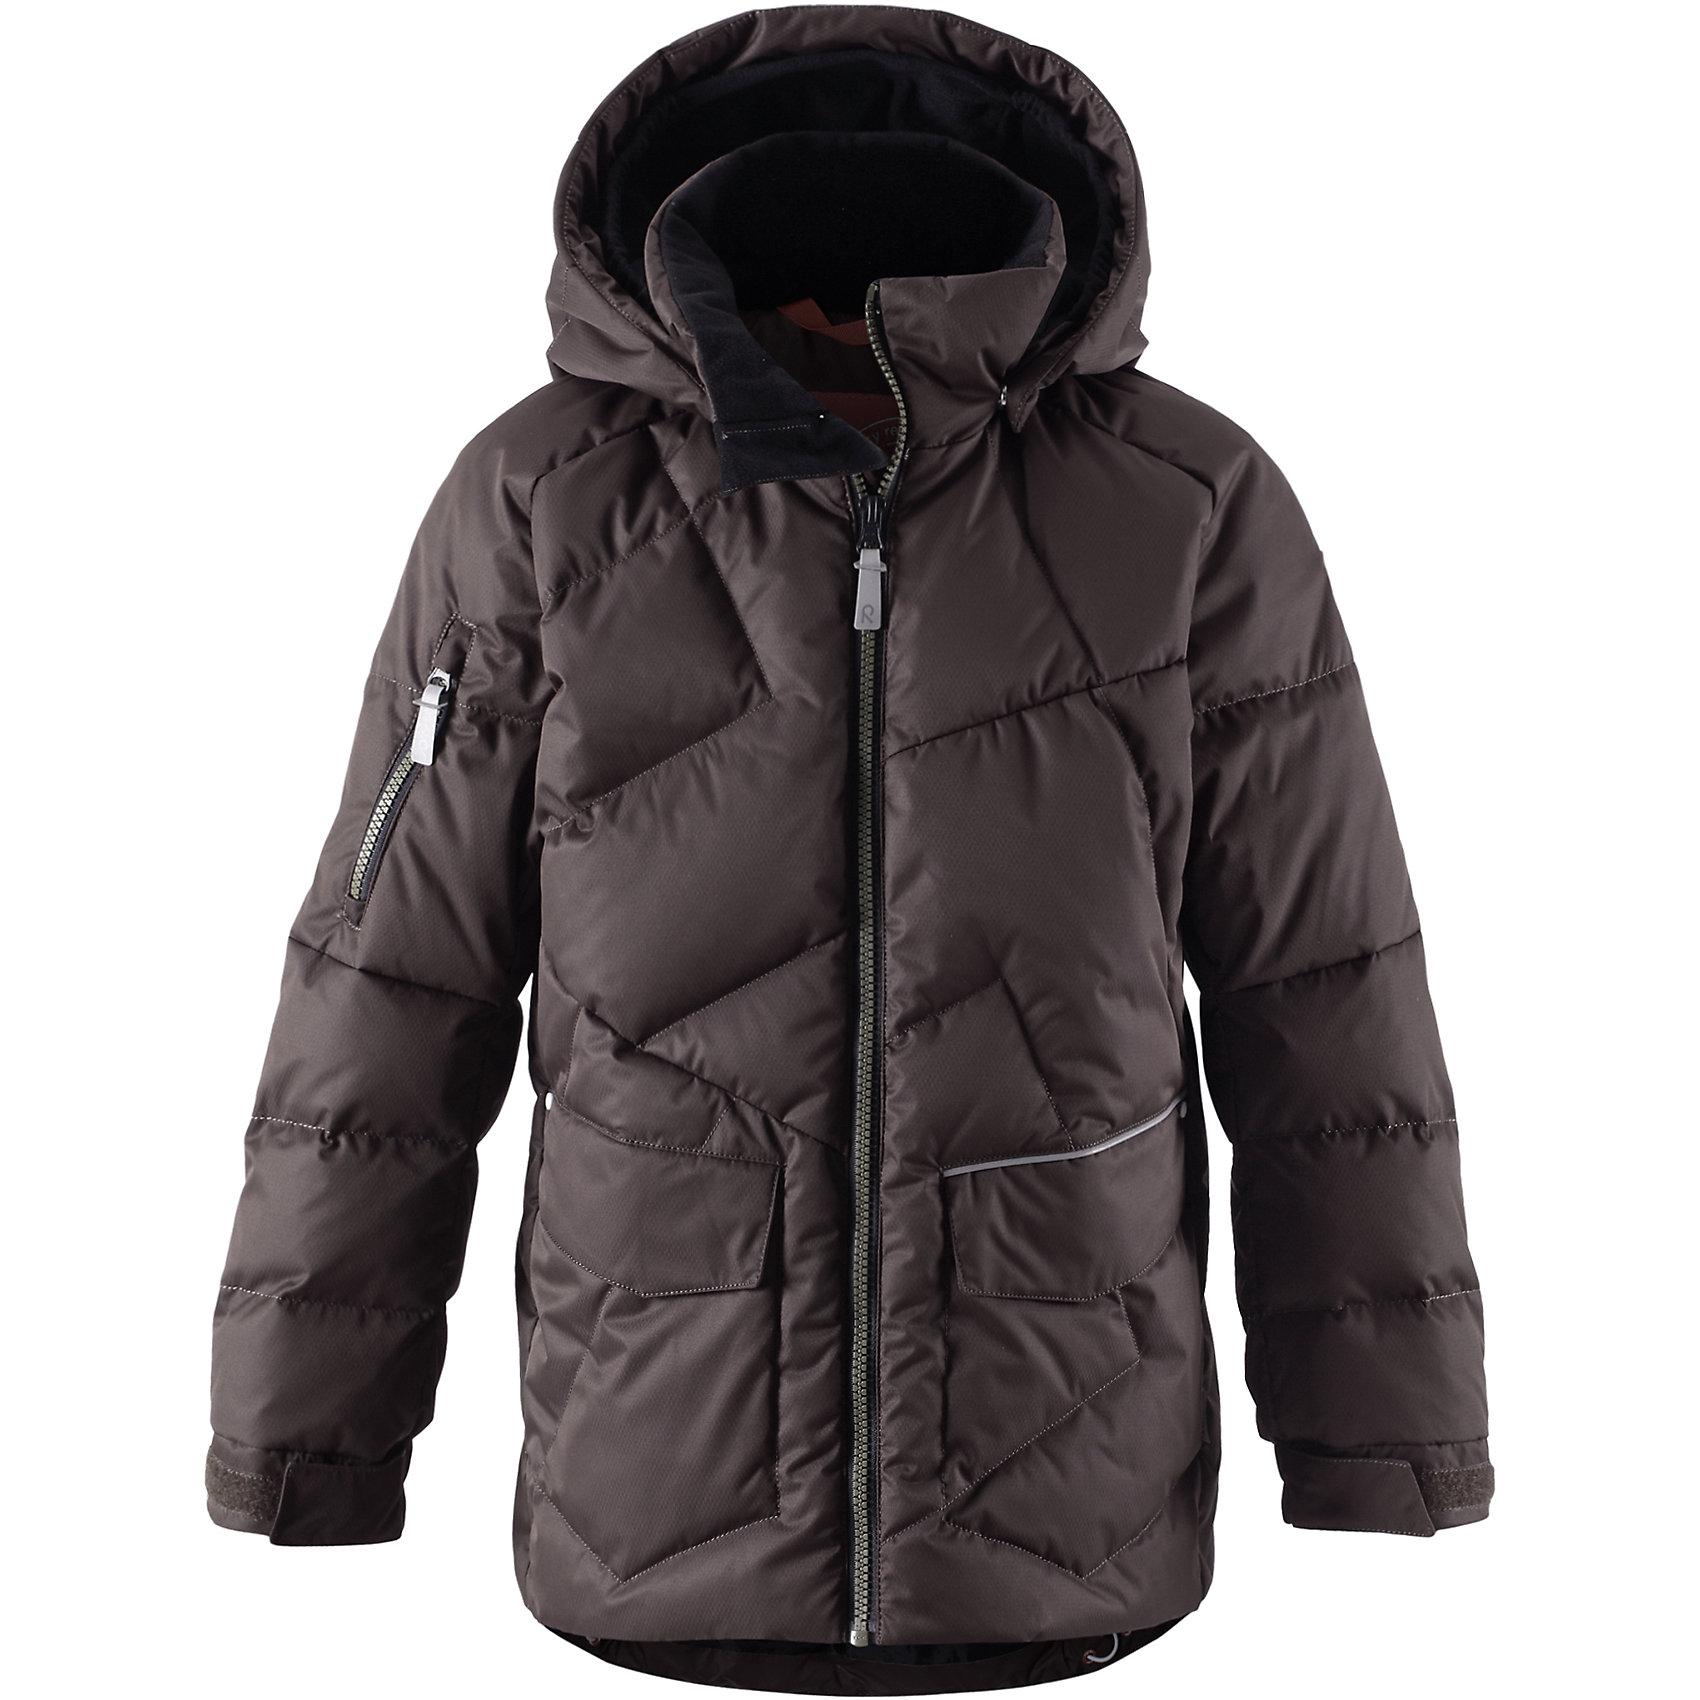 Куртка ReimaКуртка Reima (Рейма), коричневый от известного финского производителя теплой детской одежды Reima. Выполнена из полиэстера высокого качества, который обеспечивает защиту от влаги и ветра, обладает грязеотталкивающими свойствами. Все швы на куртке проекленные. Куртка выполнена в классическом варианте: прямой силуэт с удлиненной спинкой. Изделие имеет съемный капюшон, воротник-стойку, застежку-молнию, спереди имеются два накладных кармана, дополнительный карман – на рукаве. В качестве утеплителя использован пух и перо, что позволяет носить куртку даже в сильные морозы (до -30 градусов).<br><br>Дополнительная информация:<br><br>- Предназначение: повседневная одежда, для прогулок<br>- Цвет: коричневый<br>- Пол: для мальчика<br>- Состав: 100% полиэстер<br>- Сезон: зима<br>- Особенности ухода: стирка запрещена<br><br>Подробнее:<br><br>• Для детей в возрасте: от 8 лет и до 9 лет<br>• Страна производитель: Китай<br>• Торговый бренд: Reima, Финляндия<br><br>Куртку Reima (Рейма), коричневый можно купить в нашем интернет-магазине.<br><br>Ширина мм: 356<br>Глубина мм: 10<br>Высота мм: 245<br>Вес г: 519<br>Цвет: коричневый<br>Возраст от месяцев: 144<br>Возраст до месяцев: 156<br>Пол: Мужской<br>Возраст: Детский<br>Размер: 158,152,164,128,140,146,134<br>SKU: 4869712